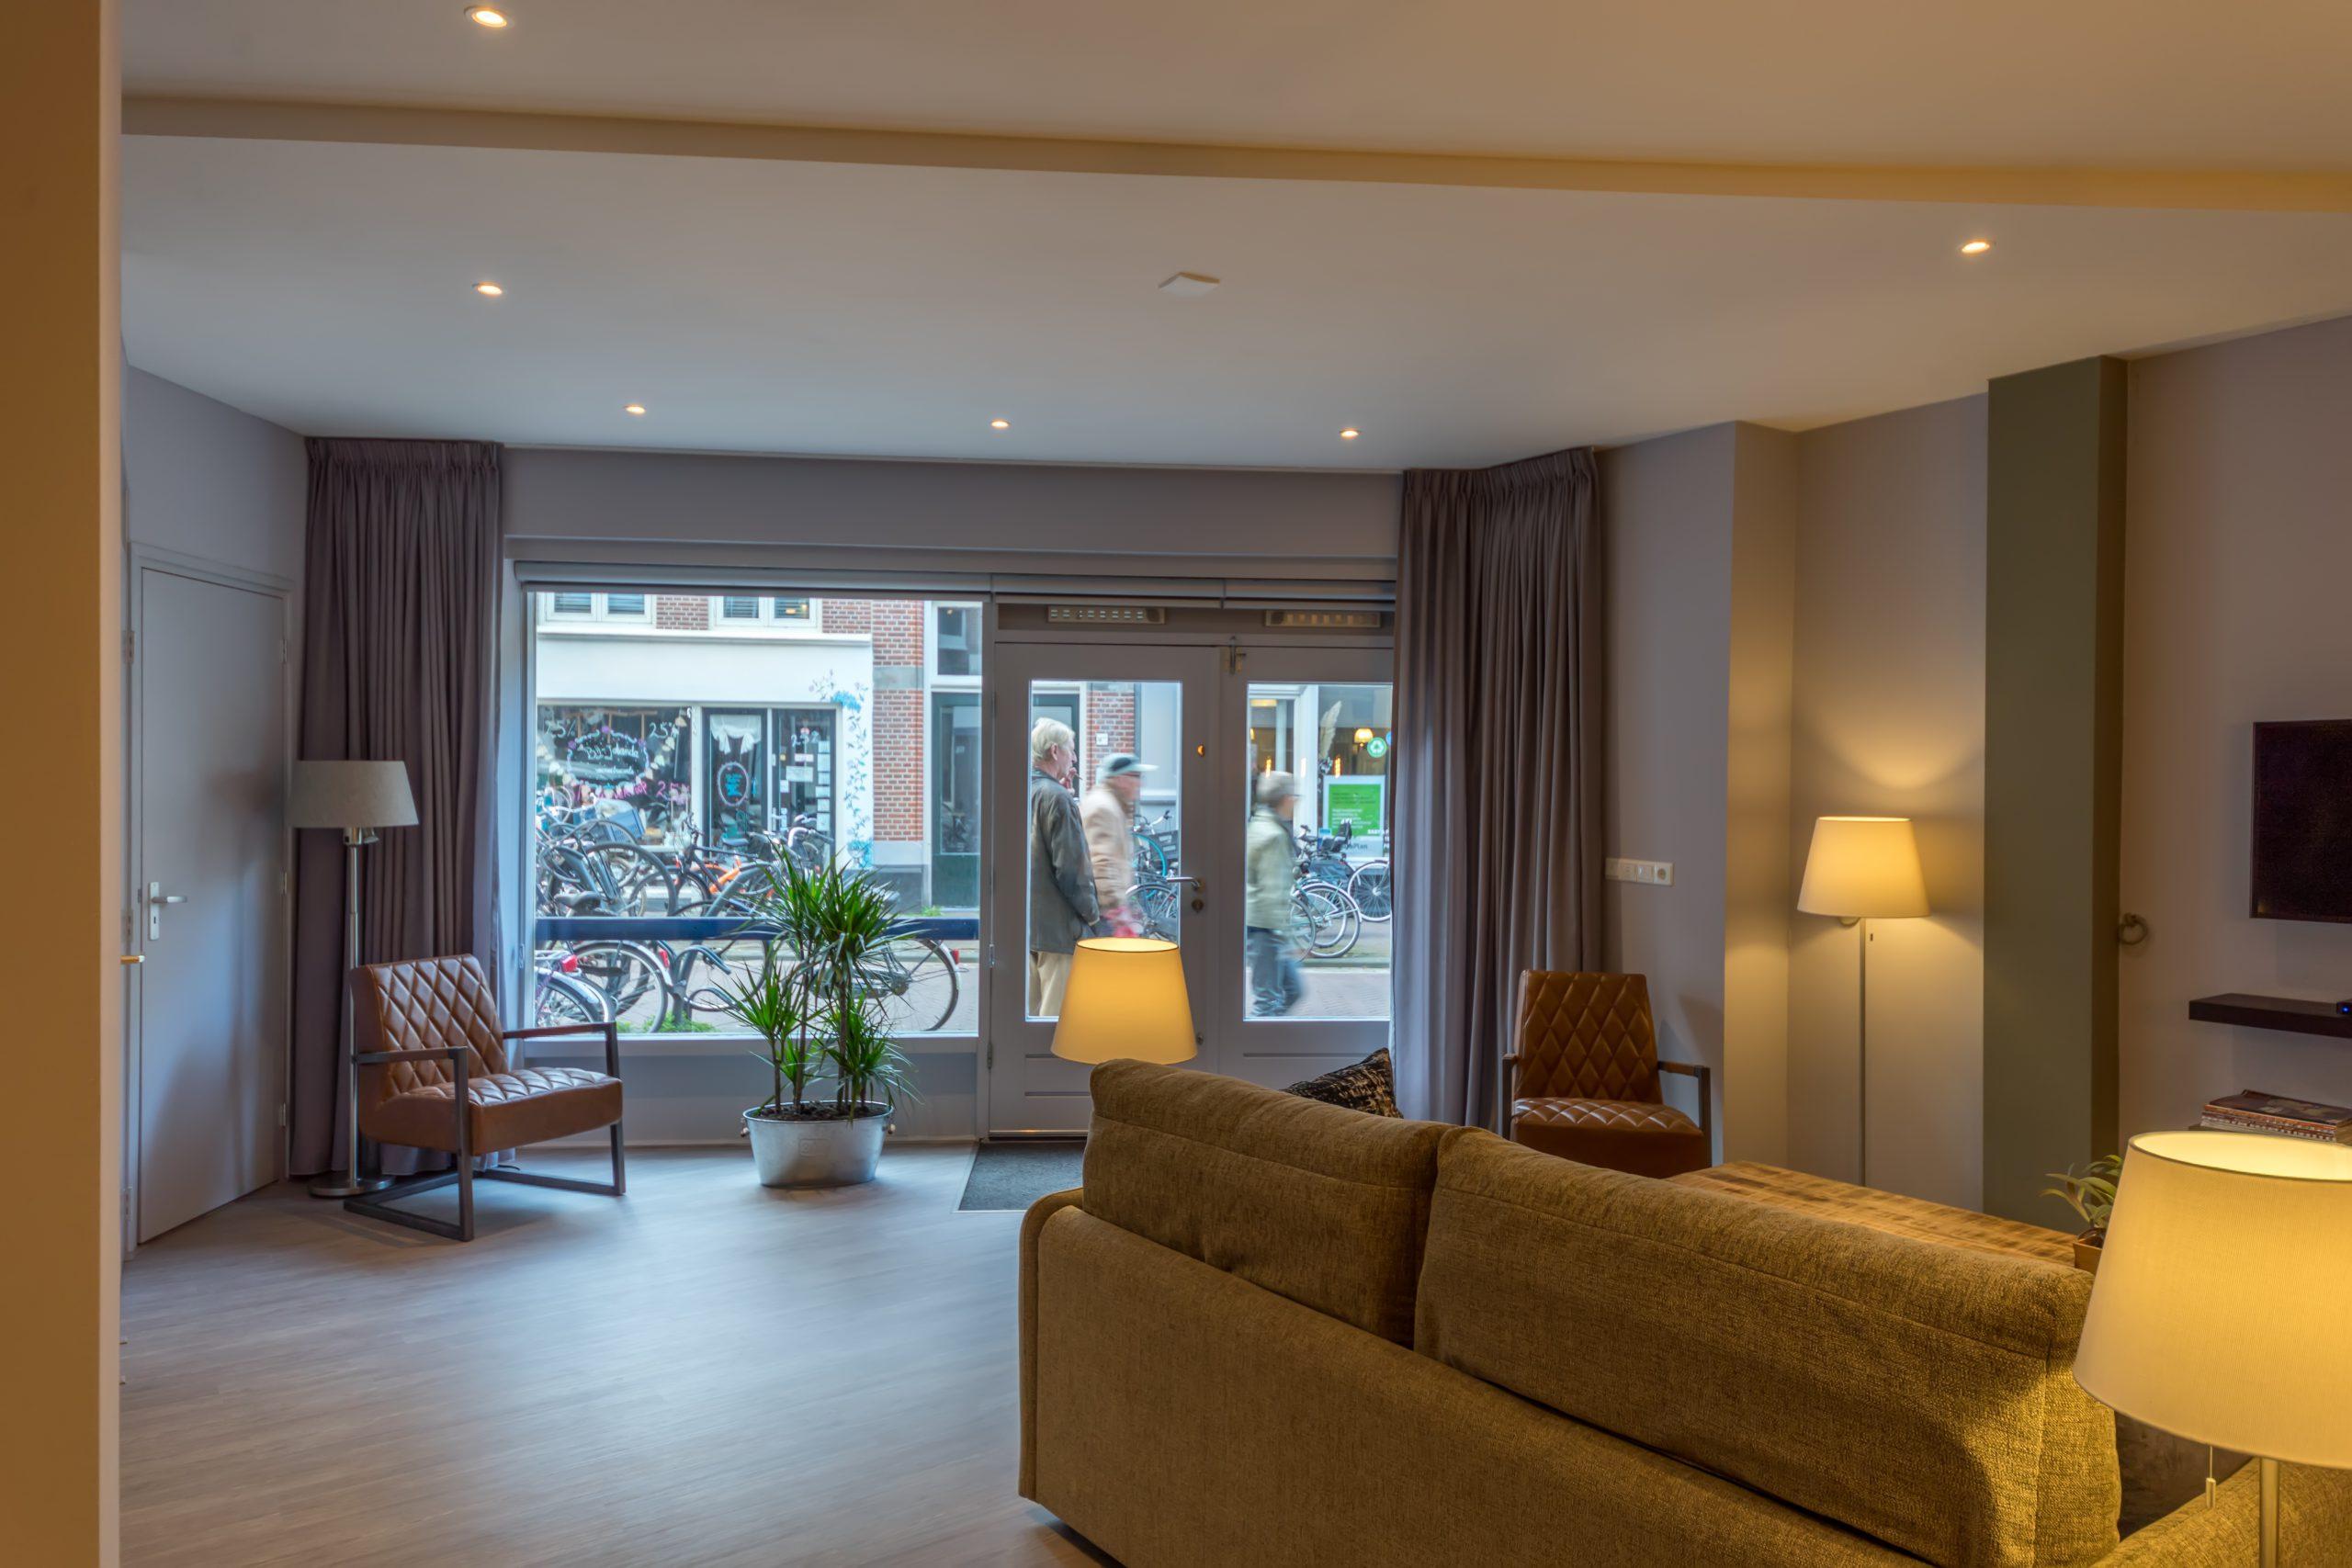 Woonkamer-Livingroom-wohnzimmer-Tulp-3